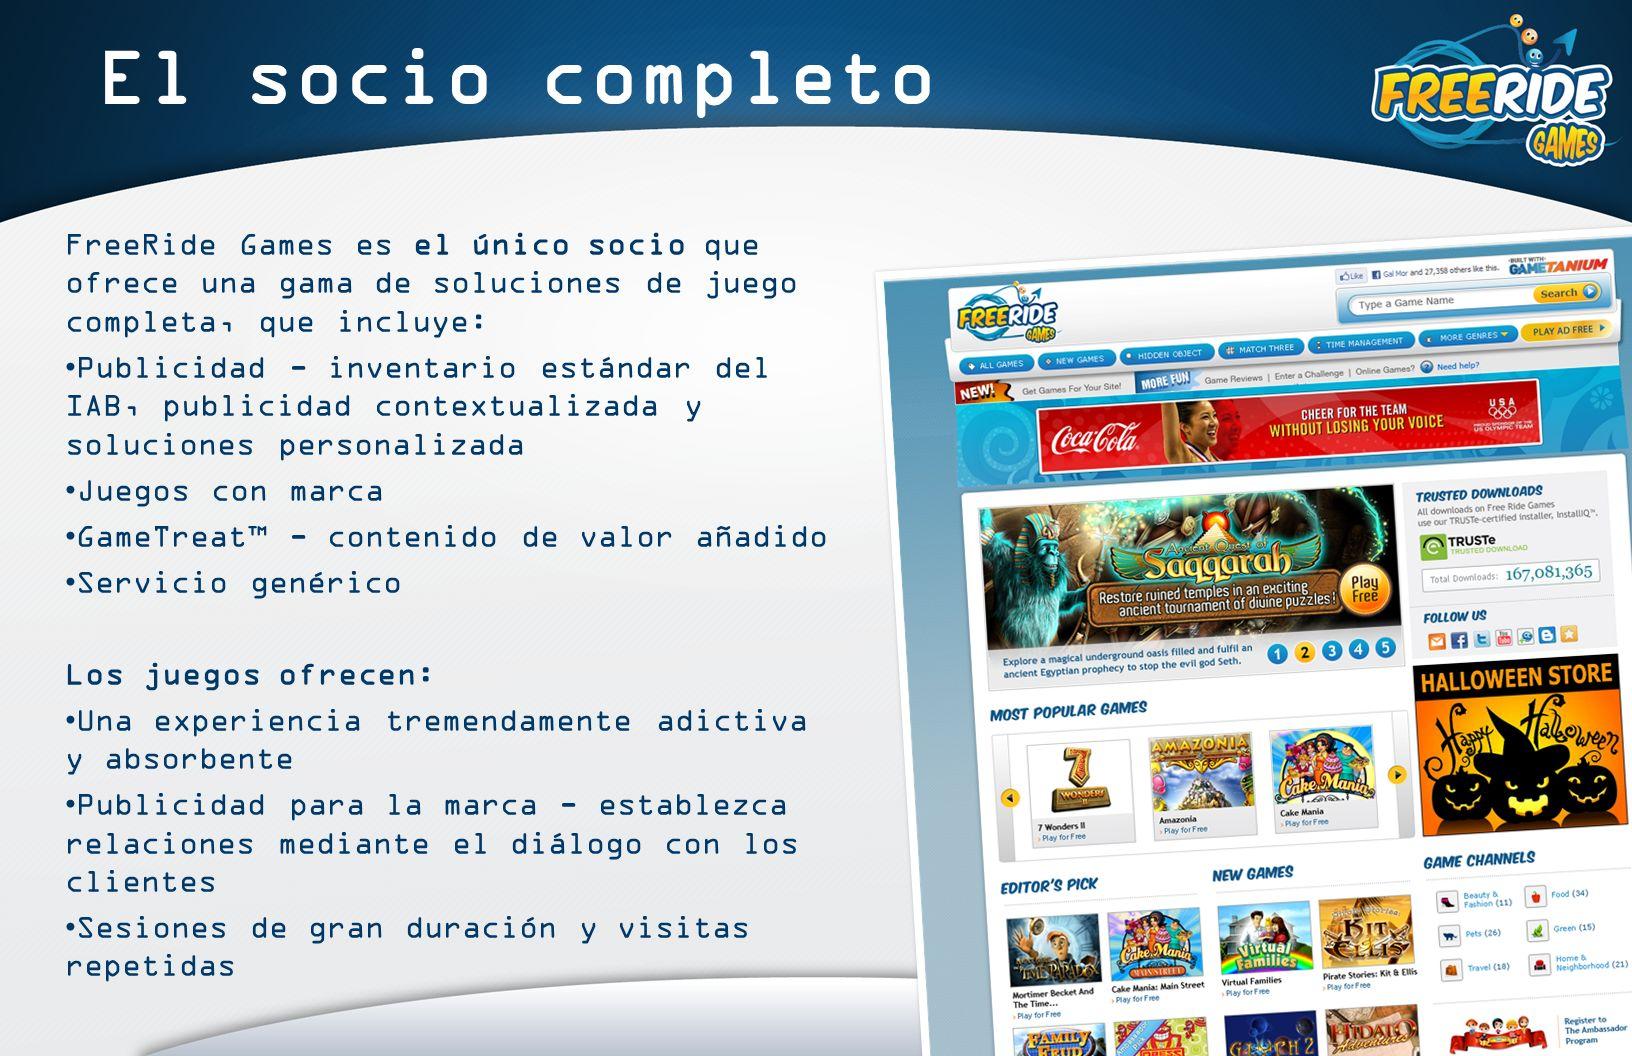 FreeRide Games engancha Más del 60% juega a diario Media de tiempo de juego por sesión de 45 minutos 11 horas al mes El único sitio de juegos casuales que proporciona a los usuarios un acceso ilimitado a la versión completa de los juegos más populares y totalmente GRATIS